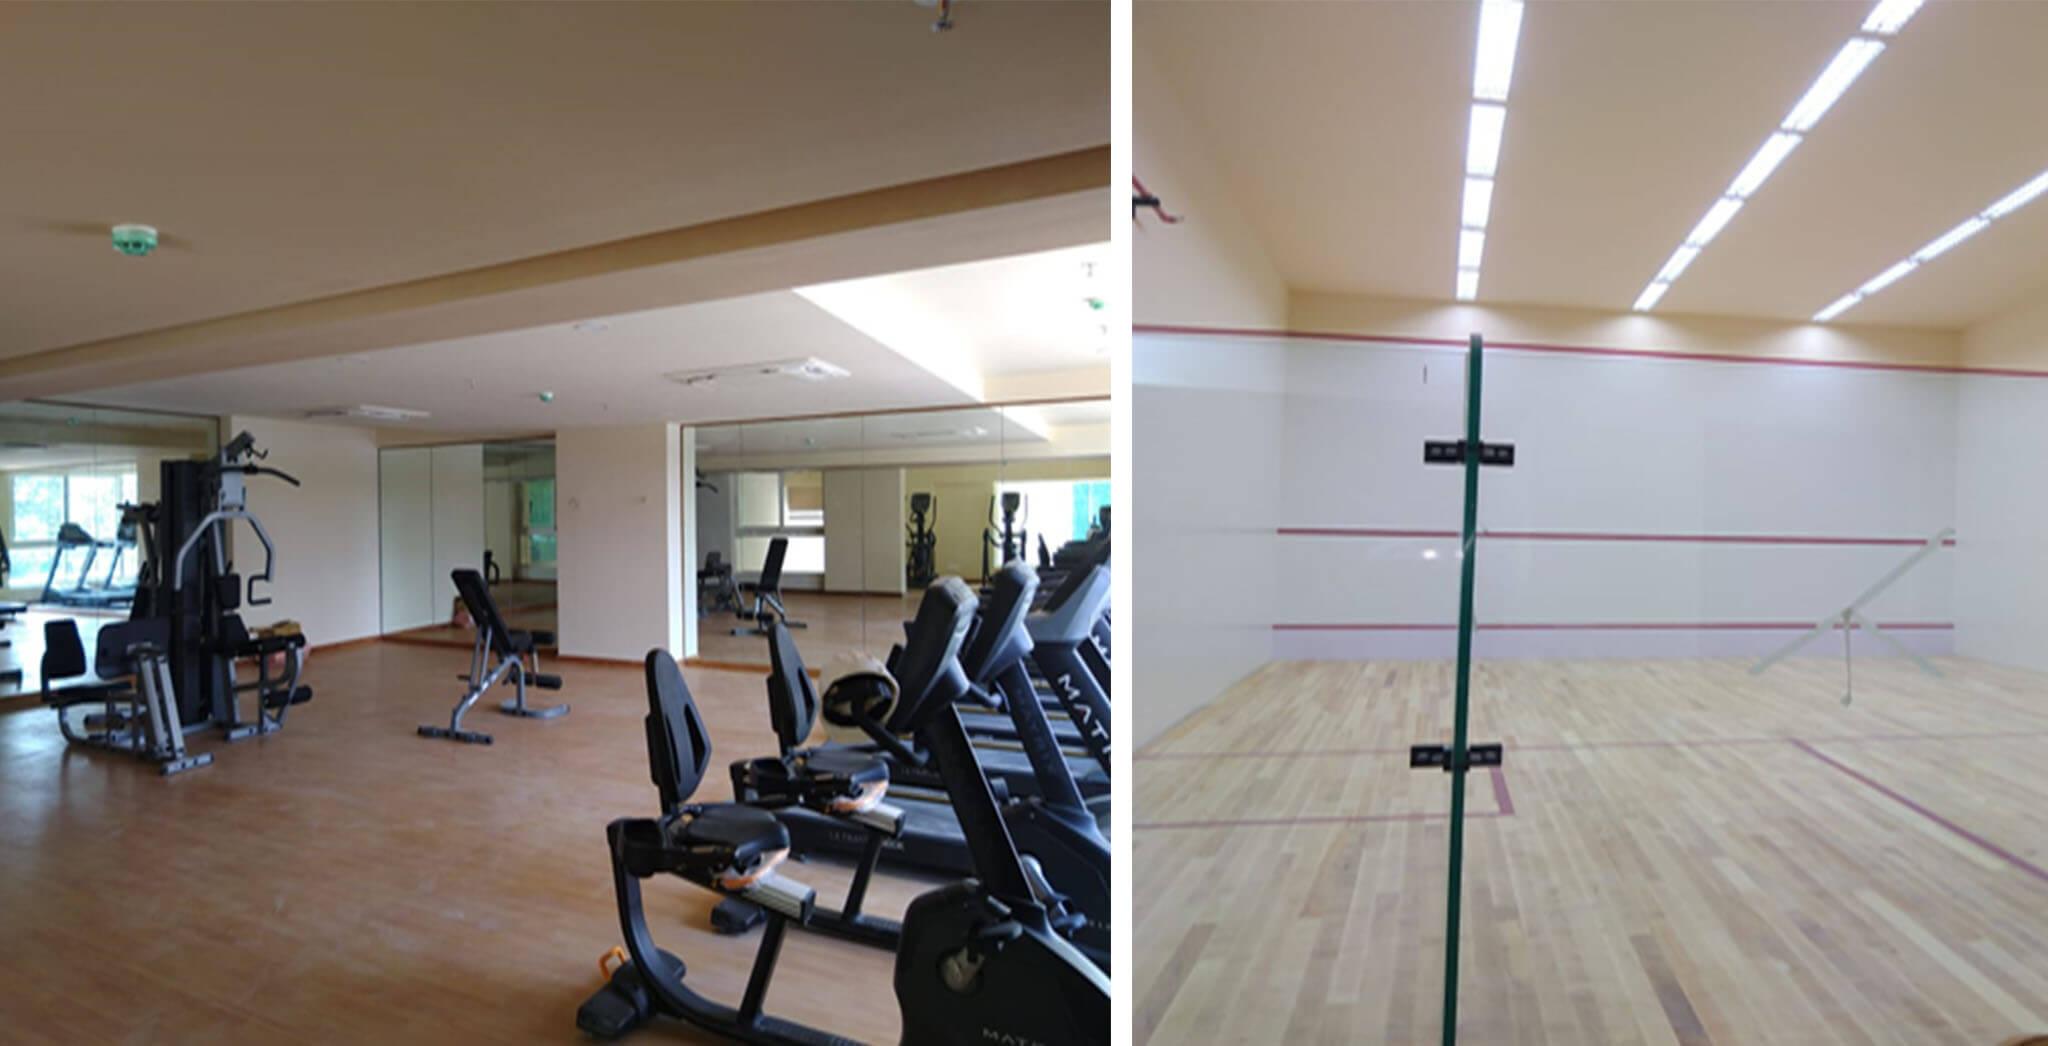 Feb 2020 - Squash Court and Gym